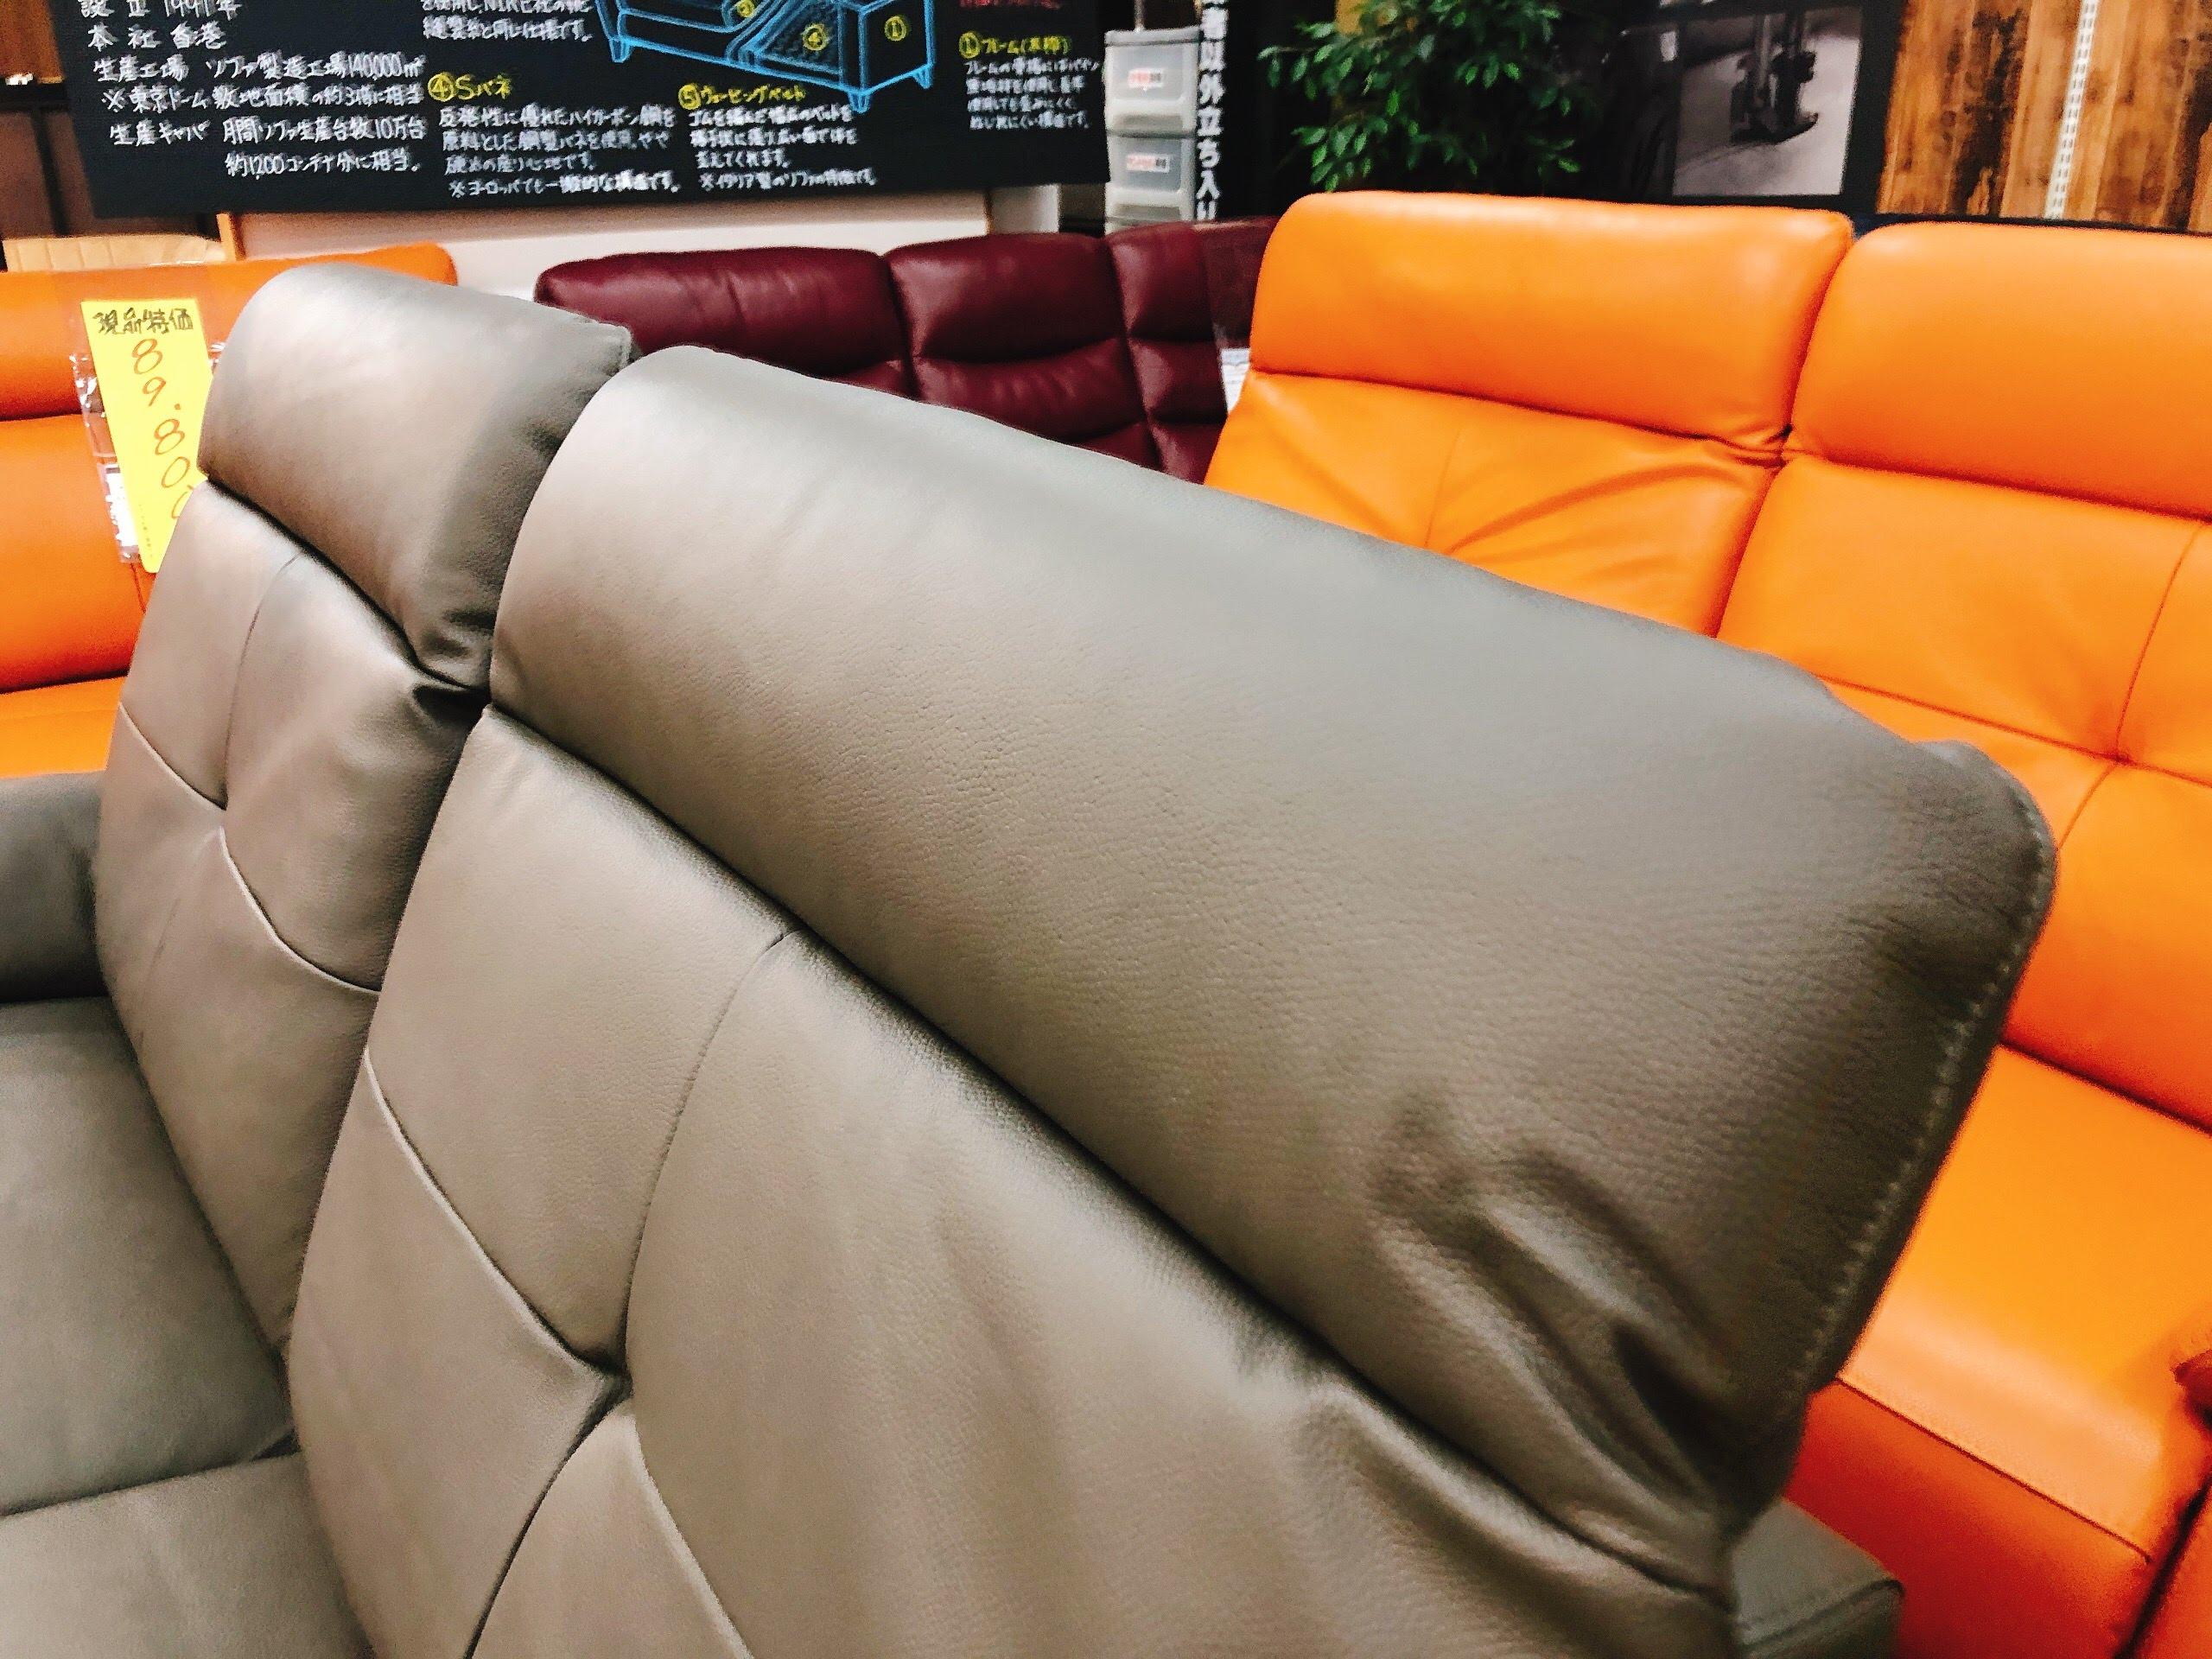 イタリア厚革 電動リクライニングソファー グレー色とオレンジ色 各一台限りの画像3